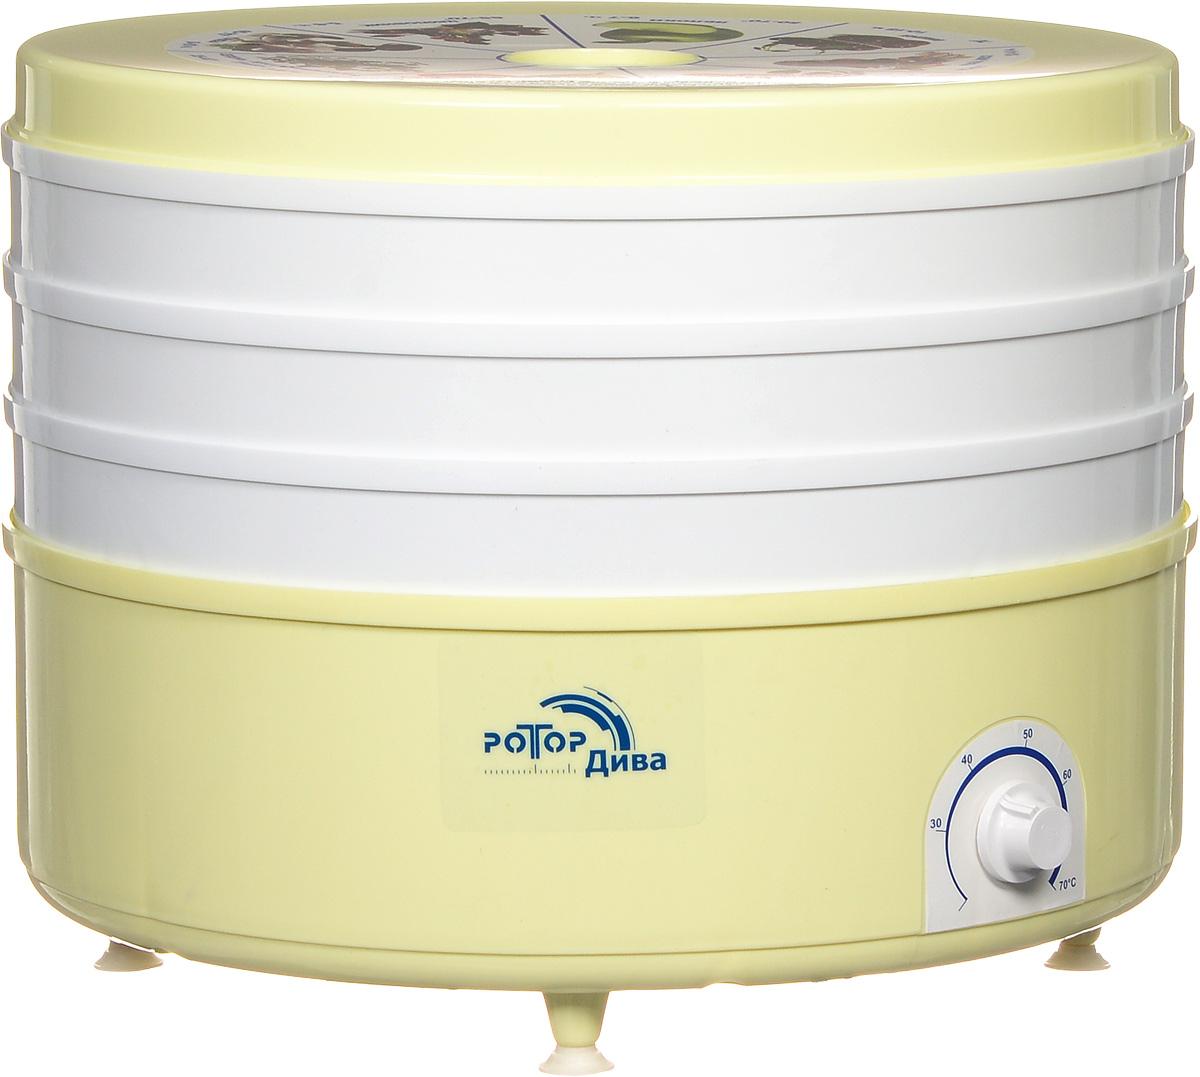 Дива СШ-007-05 сушилка для овощейСО Р3 5 *Электросушилка Дива СШ-007-05 предназначена для сушки овощей, фруктов, грибов, зелени, лечебных трав, мяса, рыбы, хлеба. Такая сушилка позволяет сохранить в продуктах 100% витаминов и питательных веществ на весь год. Сушка происходит путем равномерного обдува разогретым воздухом, таким образом сохраняются вкусовые качества продуктов. Дива СШ-007-05 оснащена встроенным вентилятором, что значительно ускоряет процесс сушки, защитой от перегрева и терморегулятором.